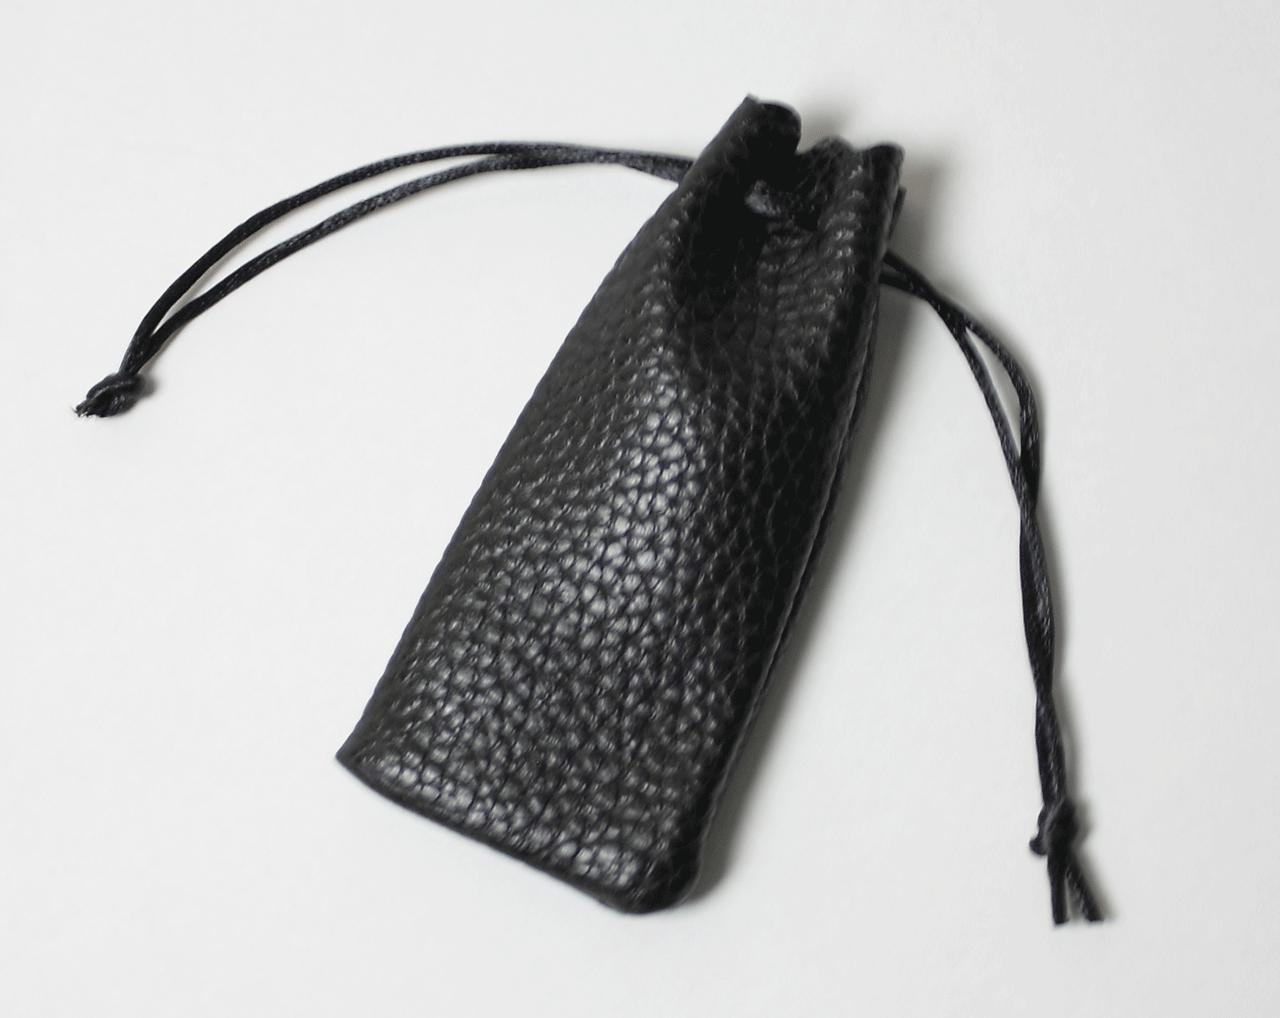 法人銀行印 オランダ水牛(寸胴) 18.0mm ソフトケース付き